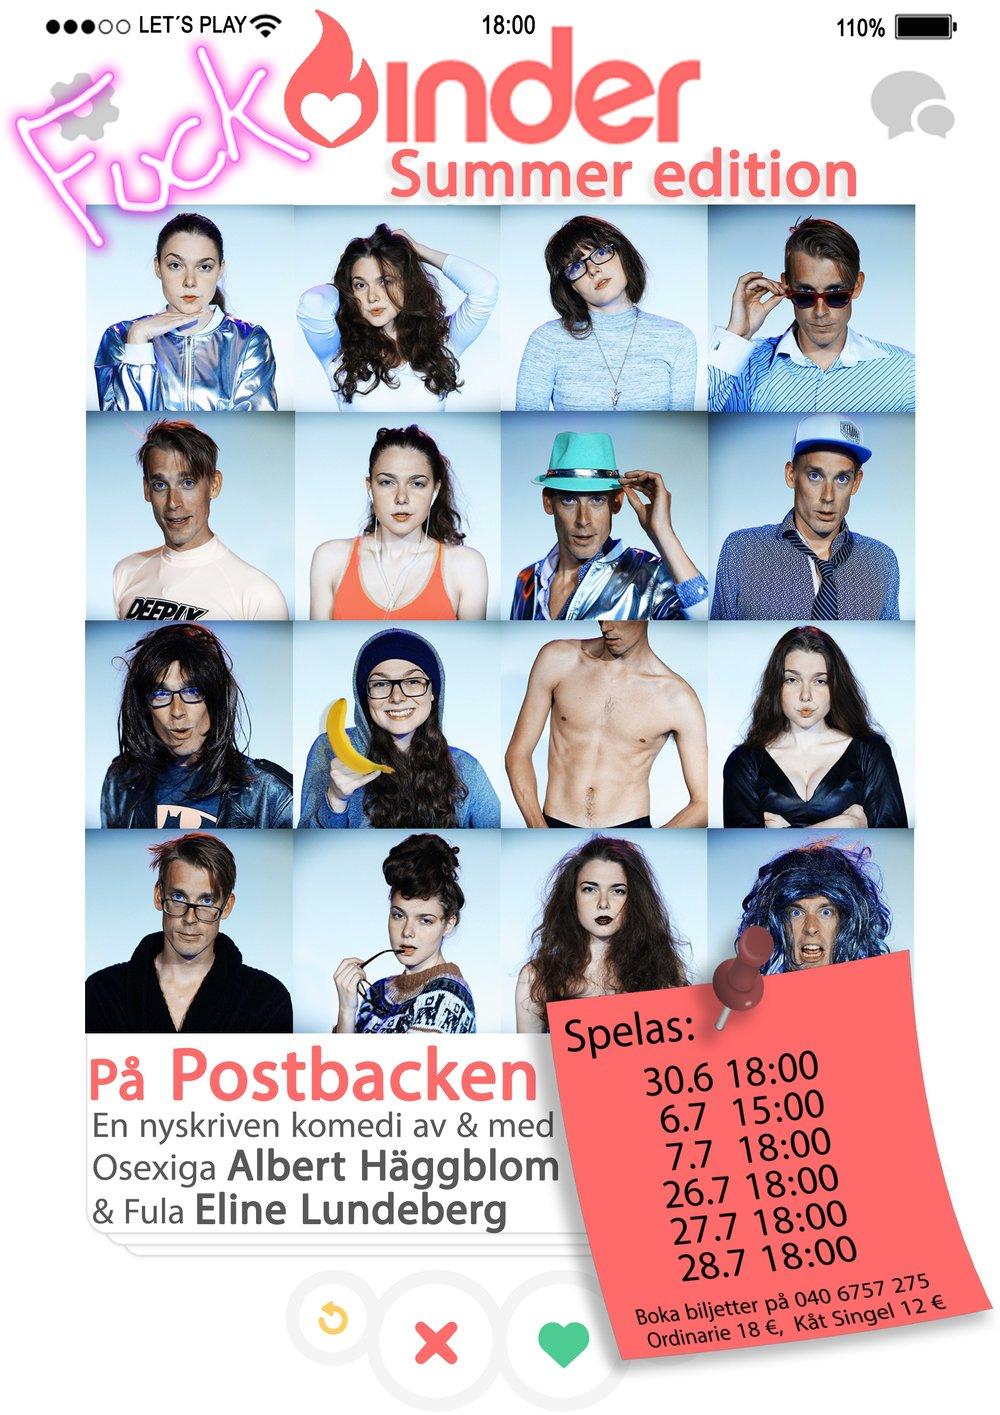 Affisch POSTBACKEN 1.0 Tinder.jpg